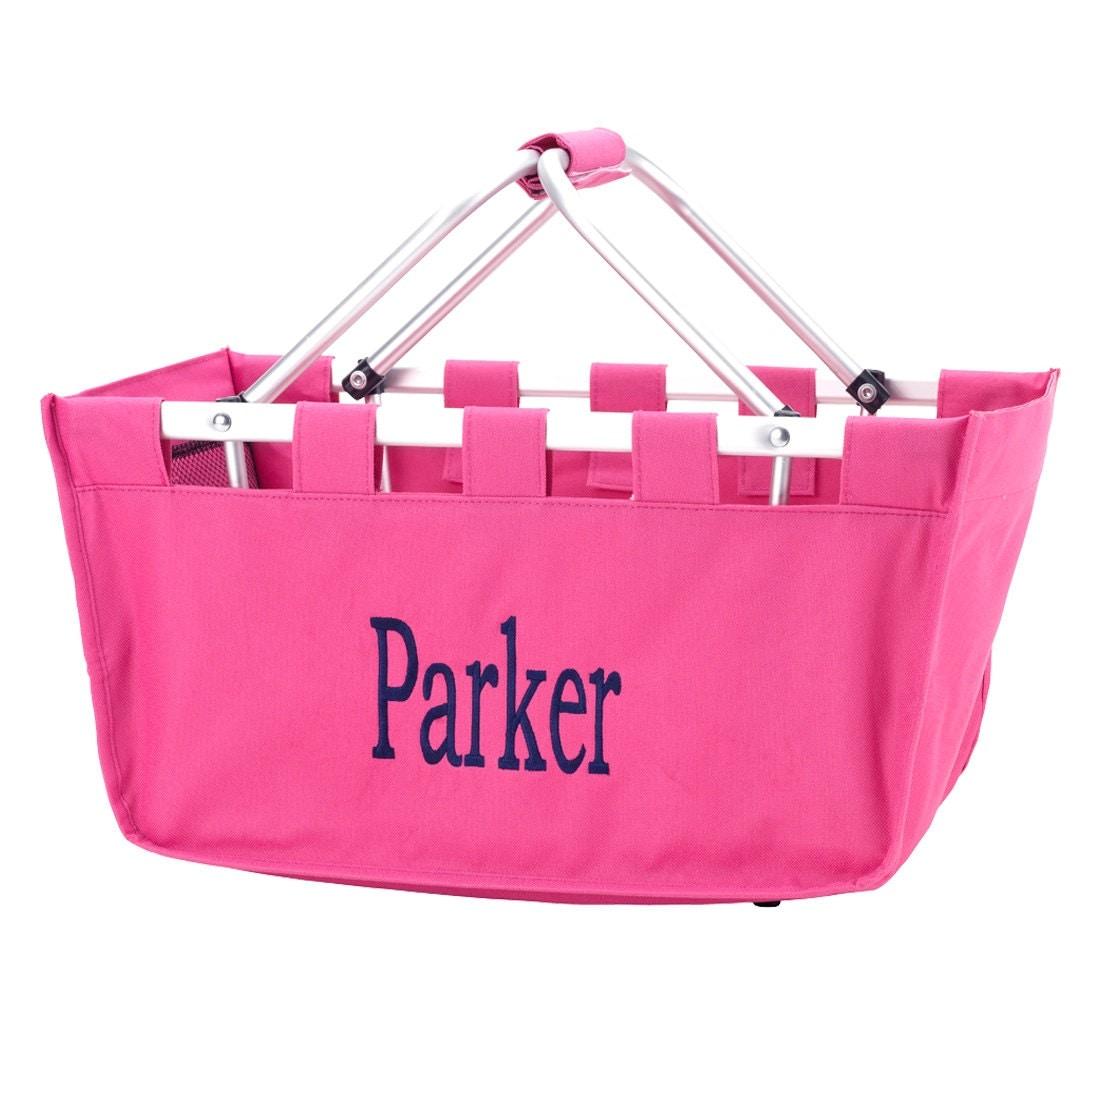 Pink Market tote picnic basket tote monogram basket tote ...